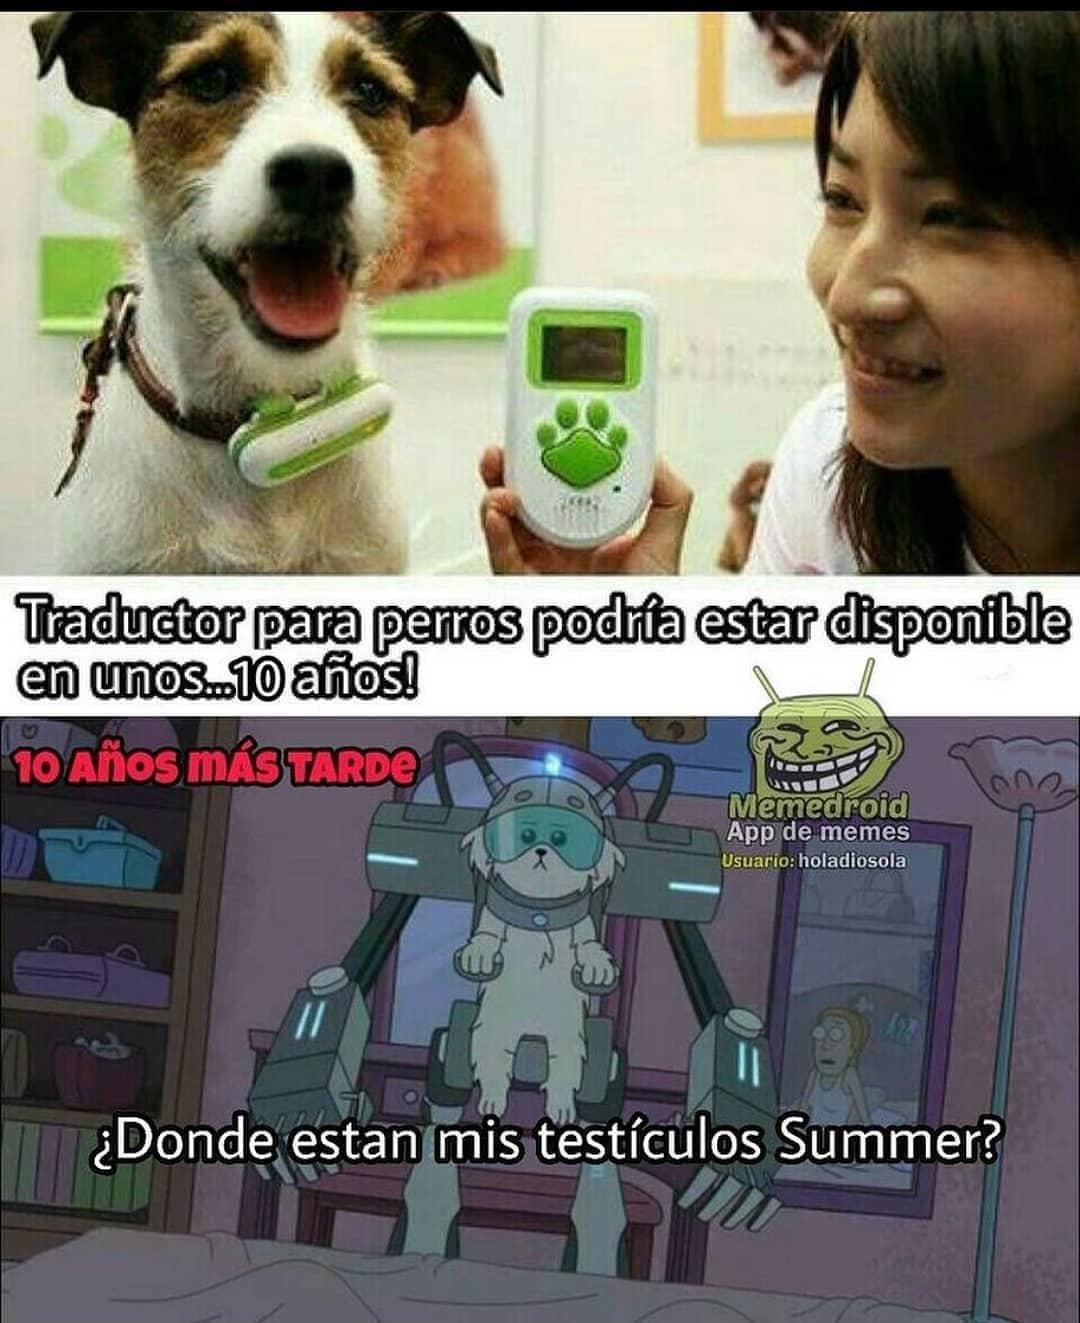 Traductor para perros podría estar disponible en unos... 10 años!  10 años más tarde.  ¿Dónde están mis testículos Summer?